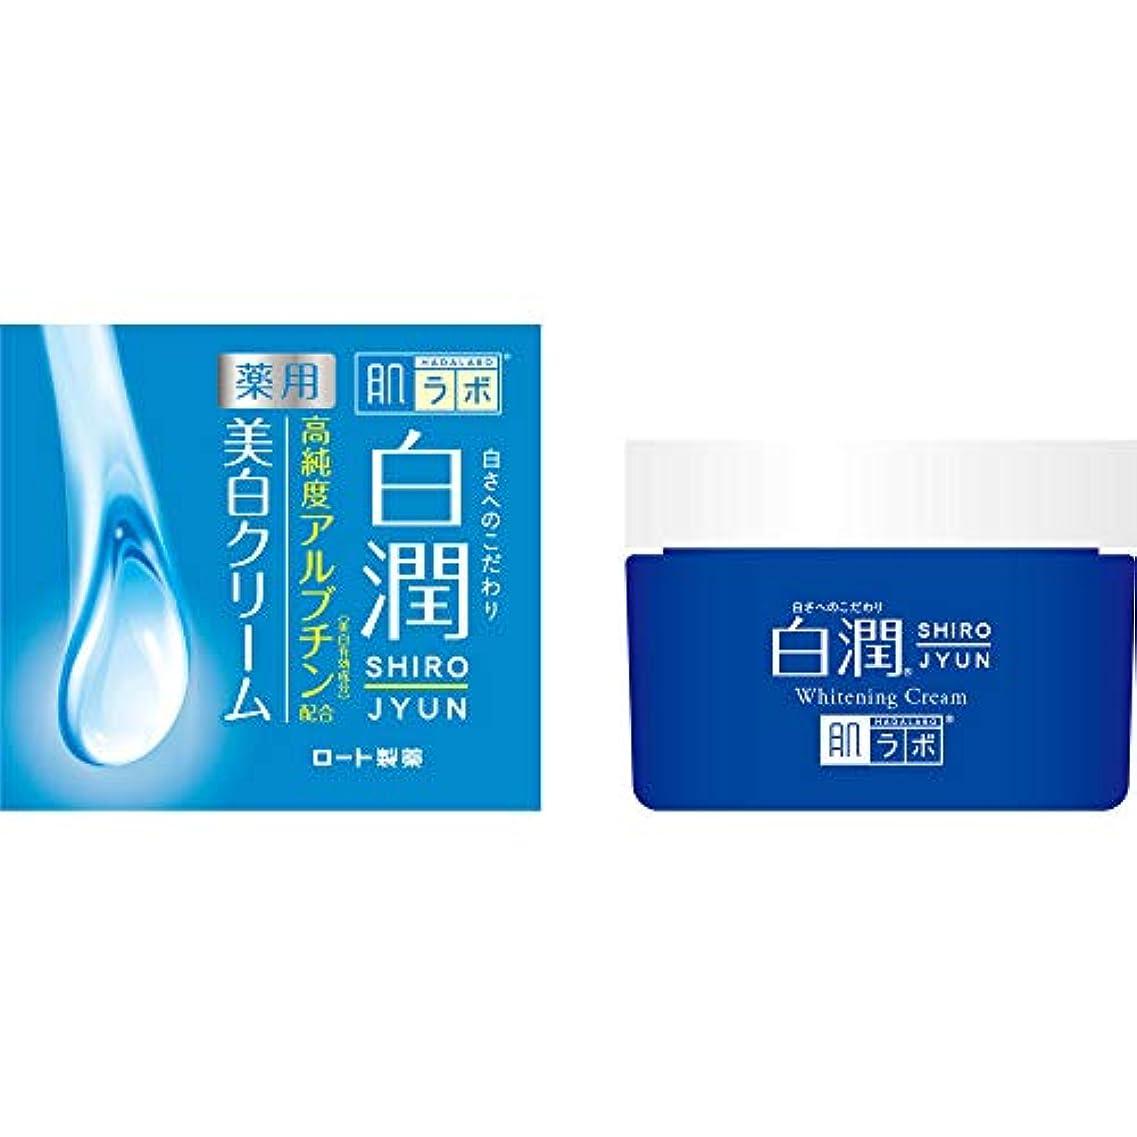 発行する囲い絞る肌研(ハダラボ) 白潤 薬用美白クリーム 50g【医薬部外品】